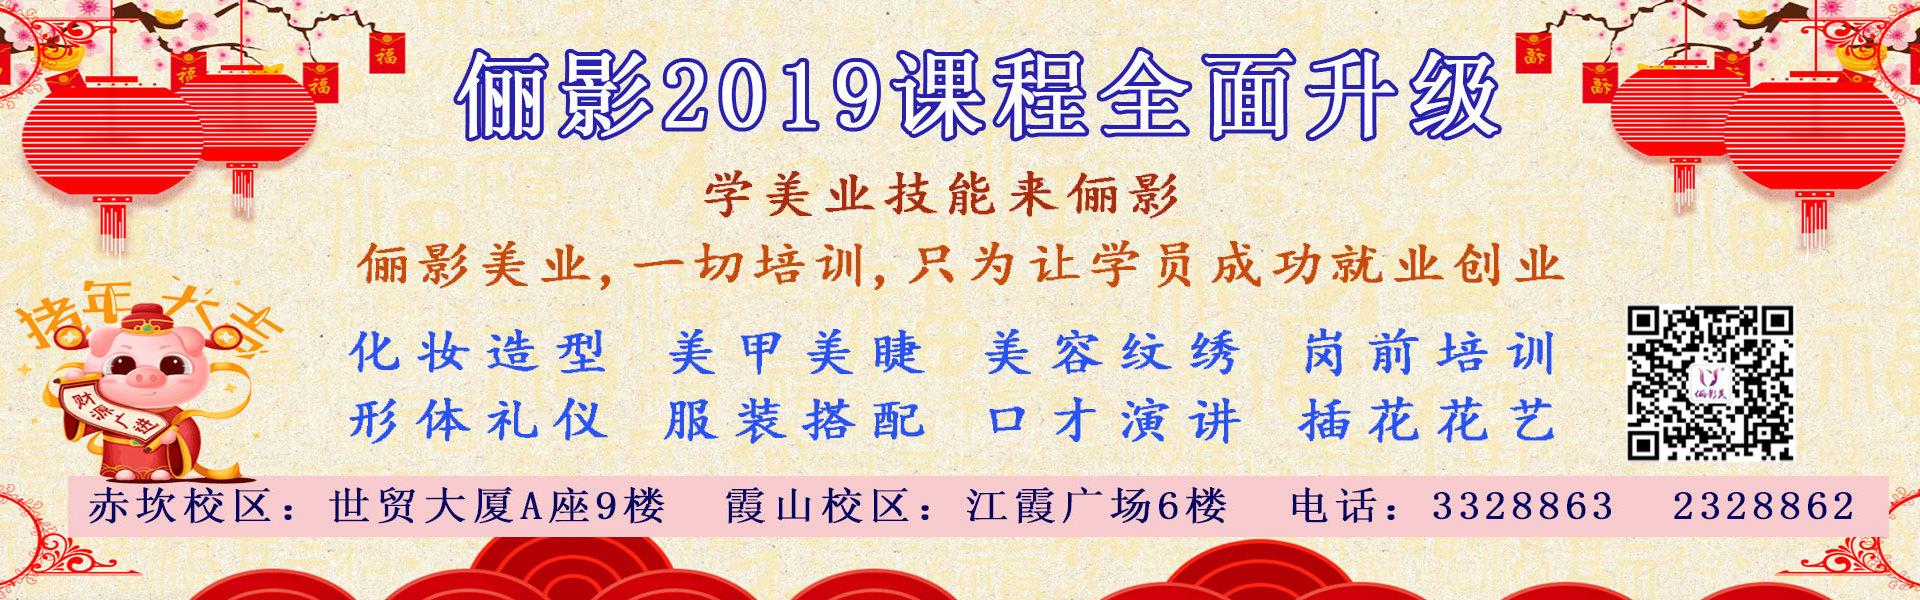 湛江俪影化妆美容培训学校新春活动